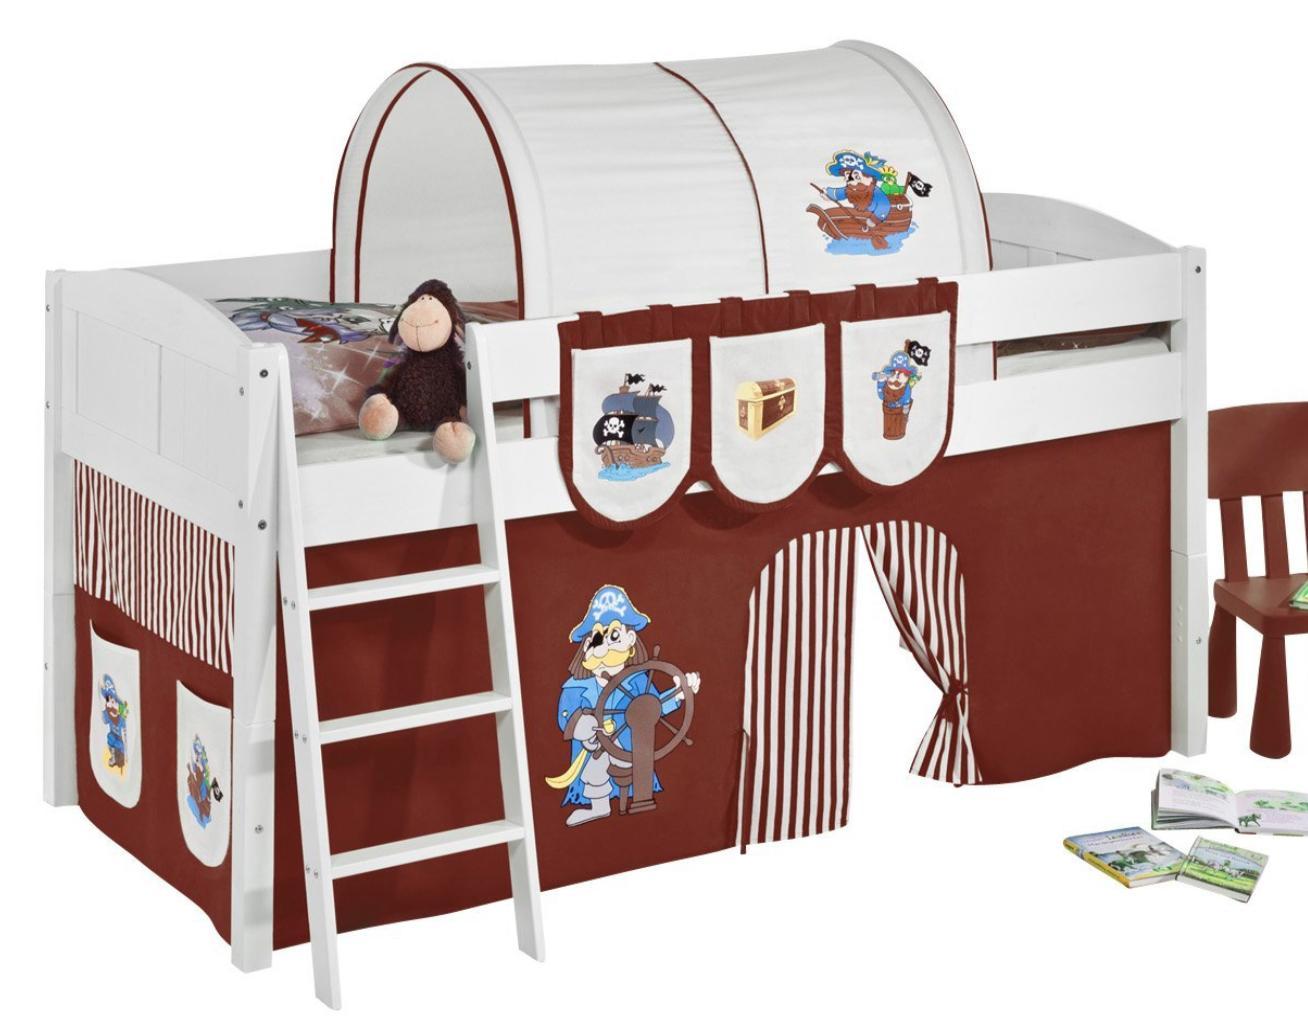 lit sur lev blanc laqu rideau pirate marron 90x200cm sommier sans sommier sans matelas. Black Bedroom Furniture Sets. Home Design Ideas